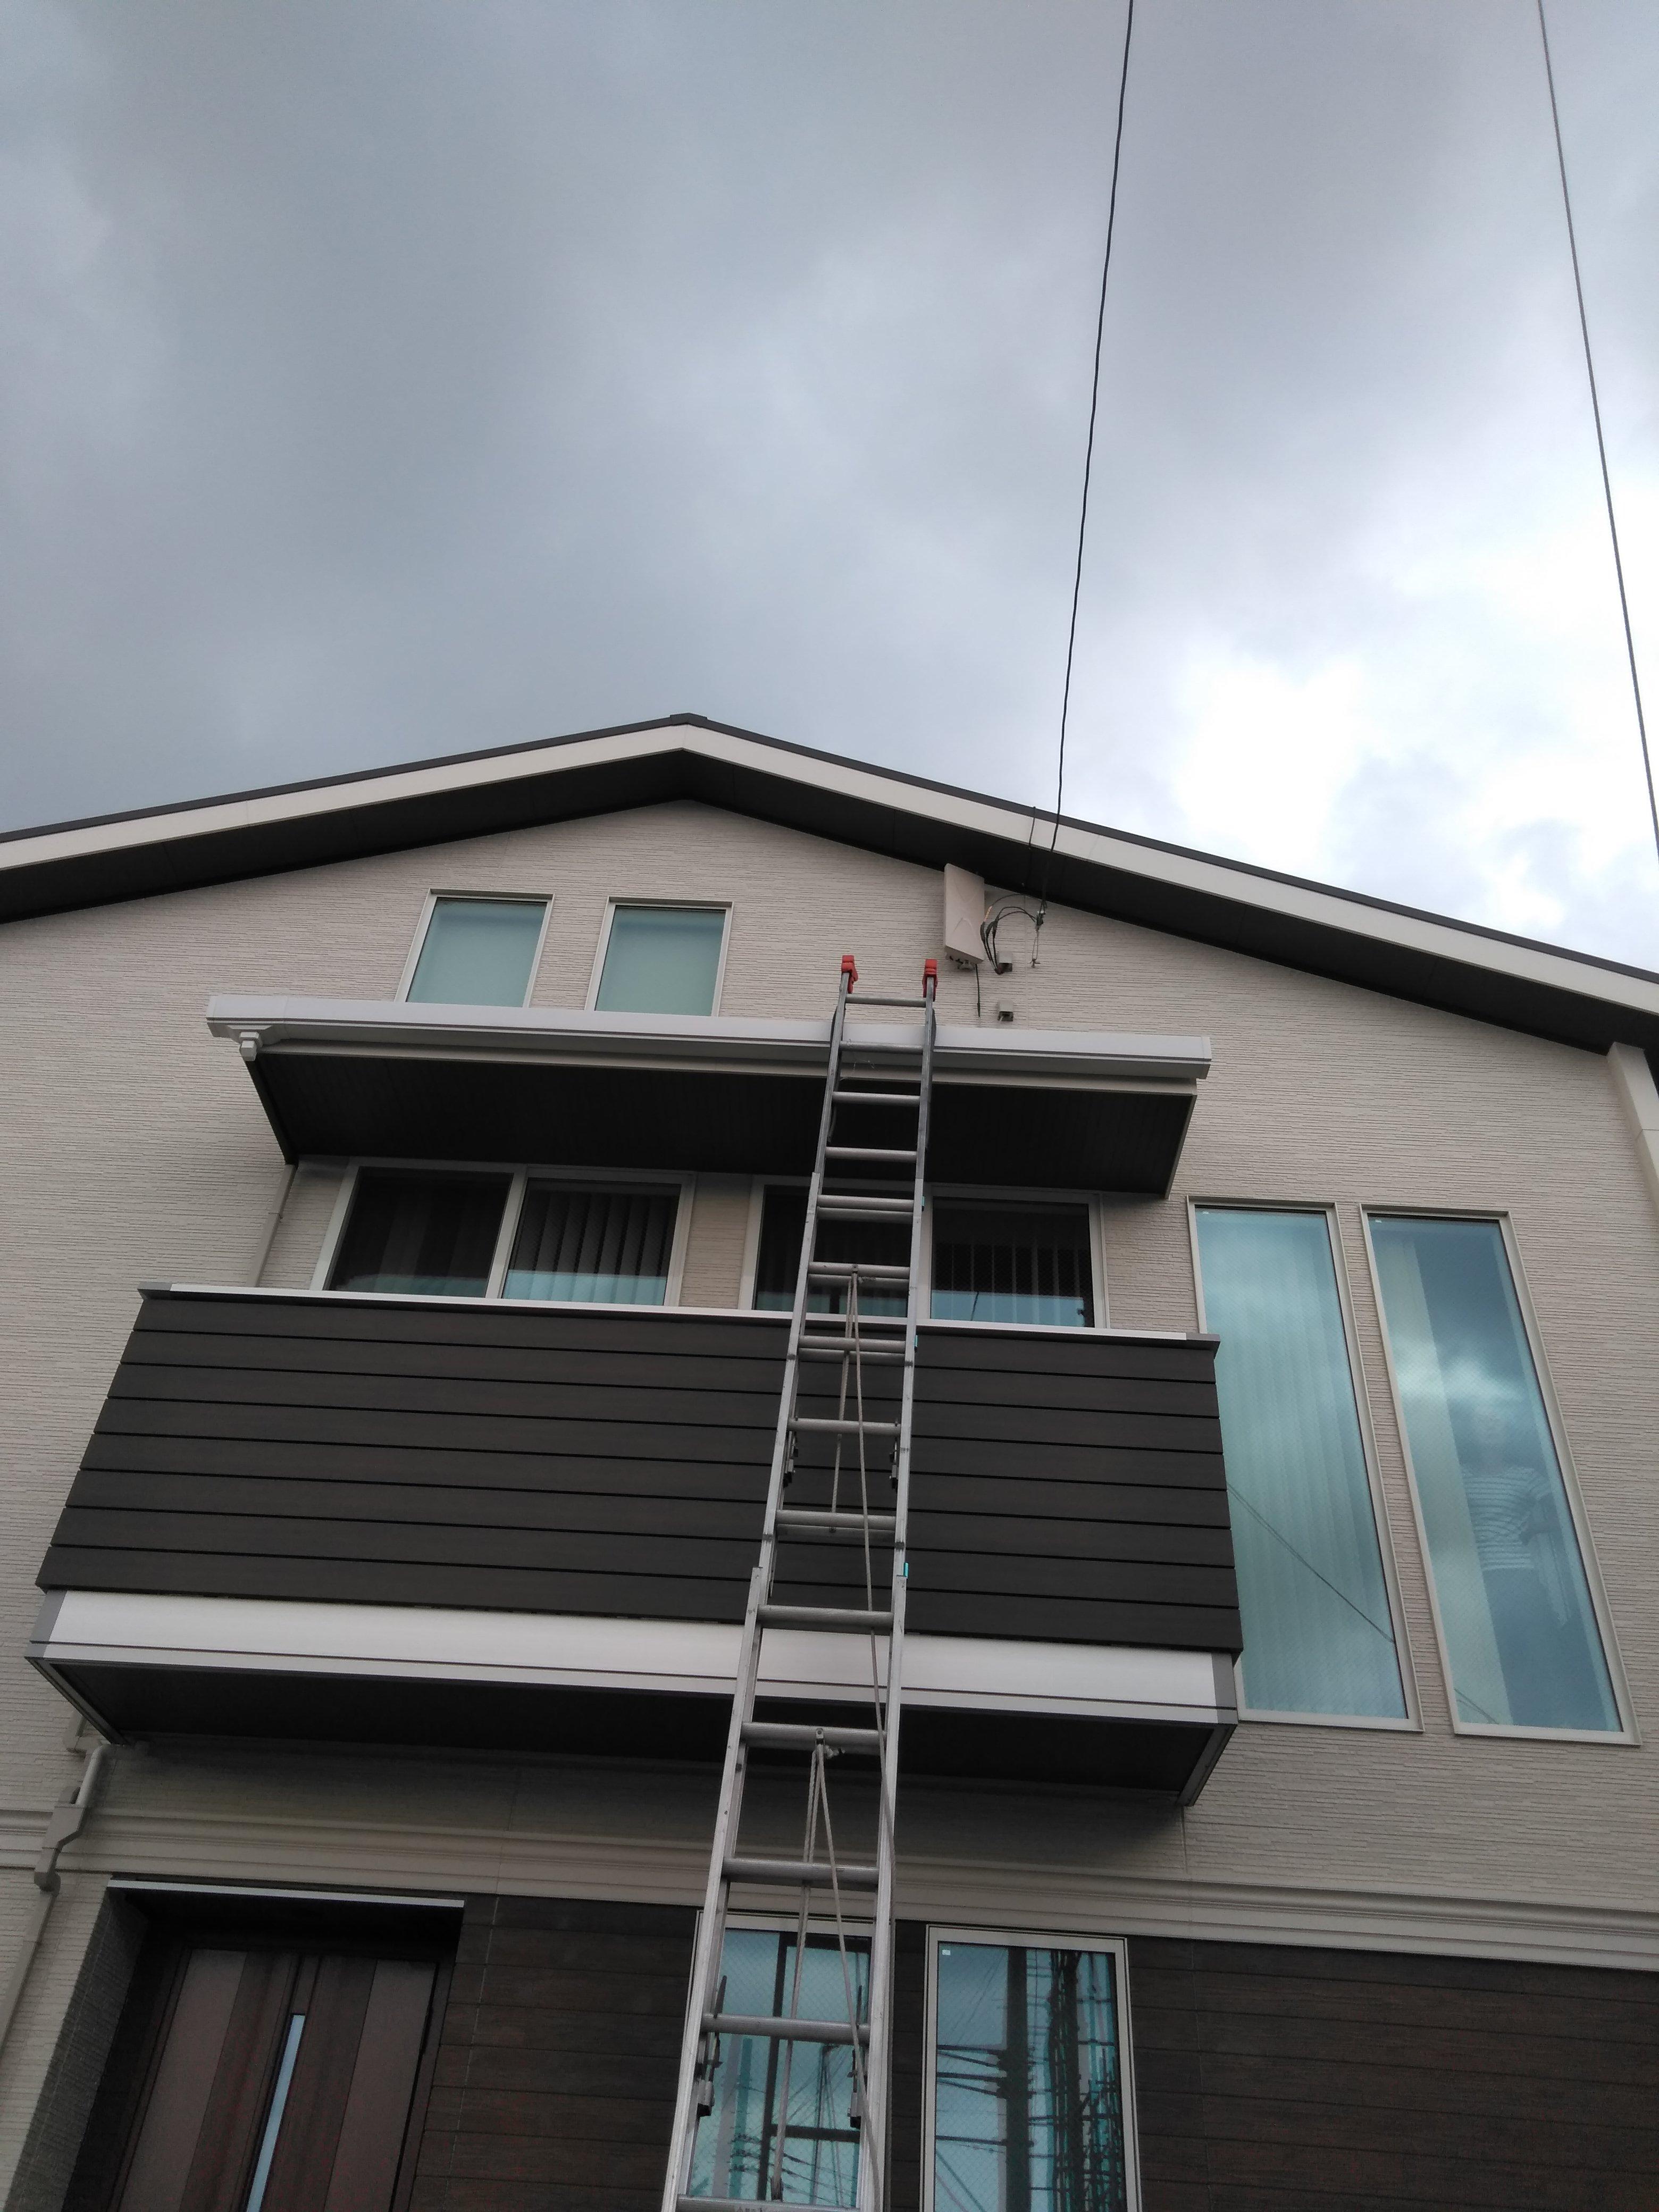 はしごをかけて取り付けたデザインアンテナの写真